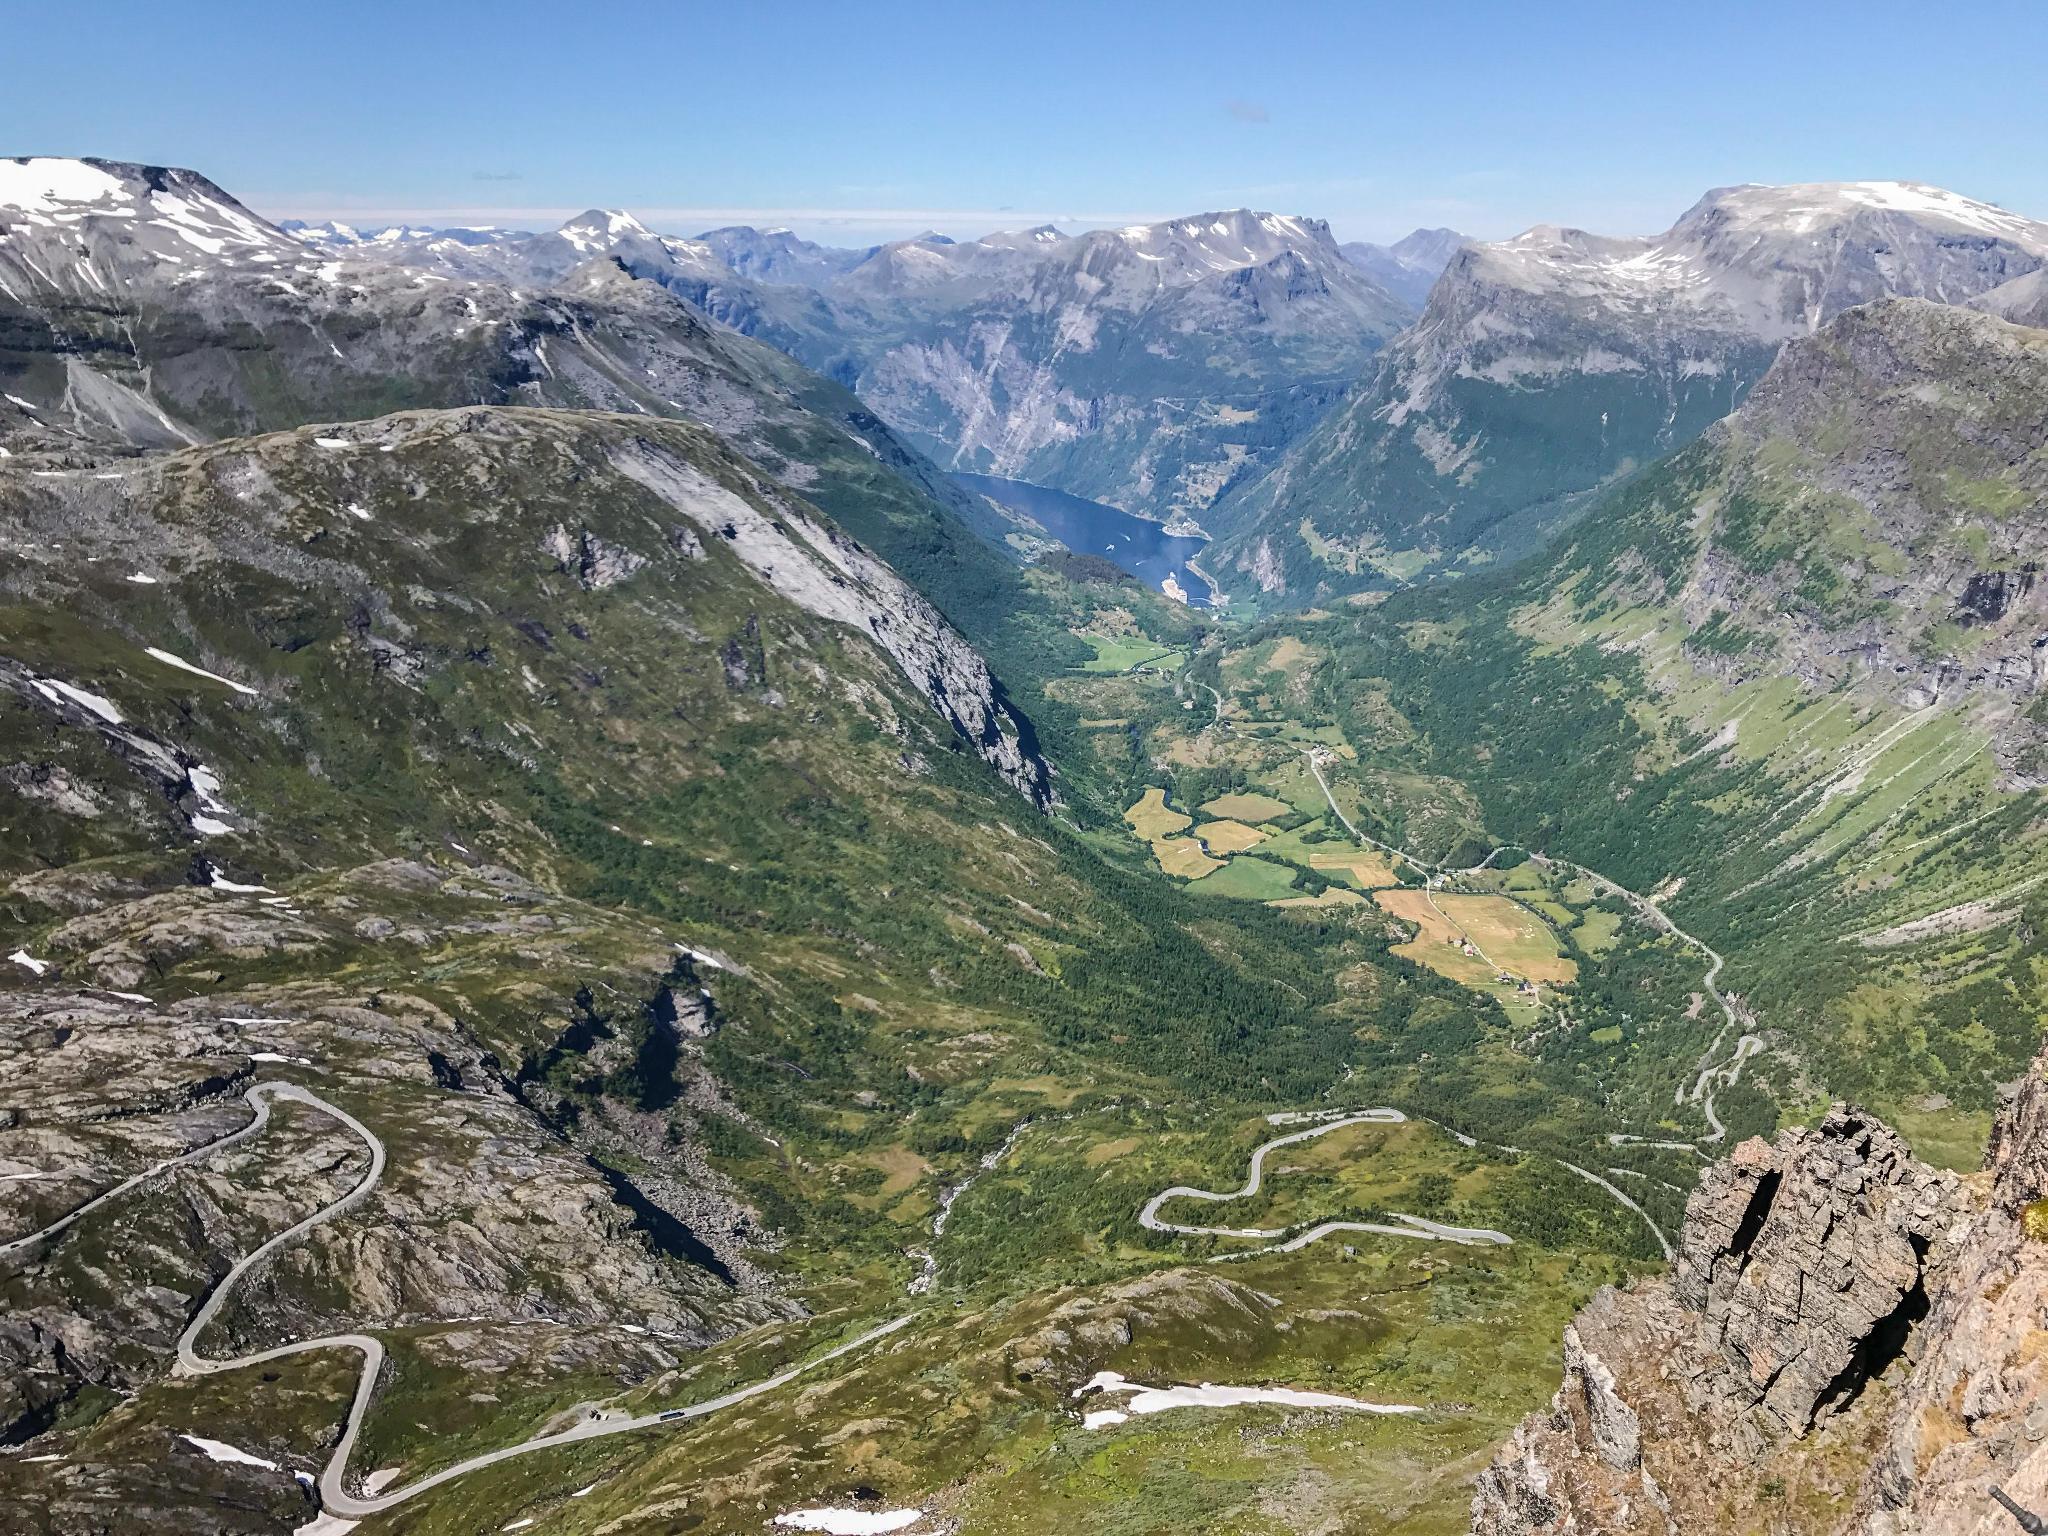 【北歐景點】歐洲最震撼的峽灣觀景台 — Dalsnibba Mountain Plateau 2